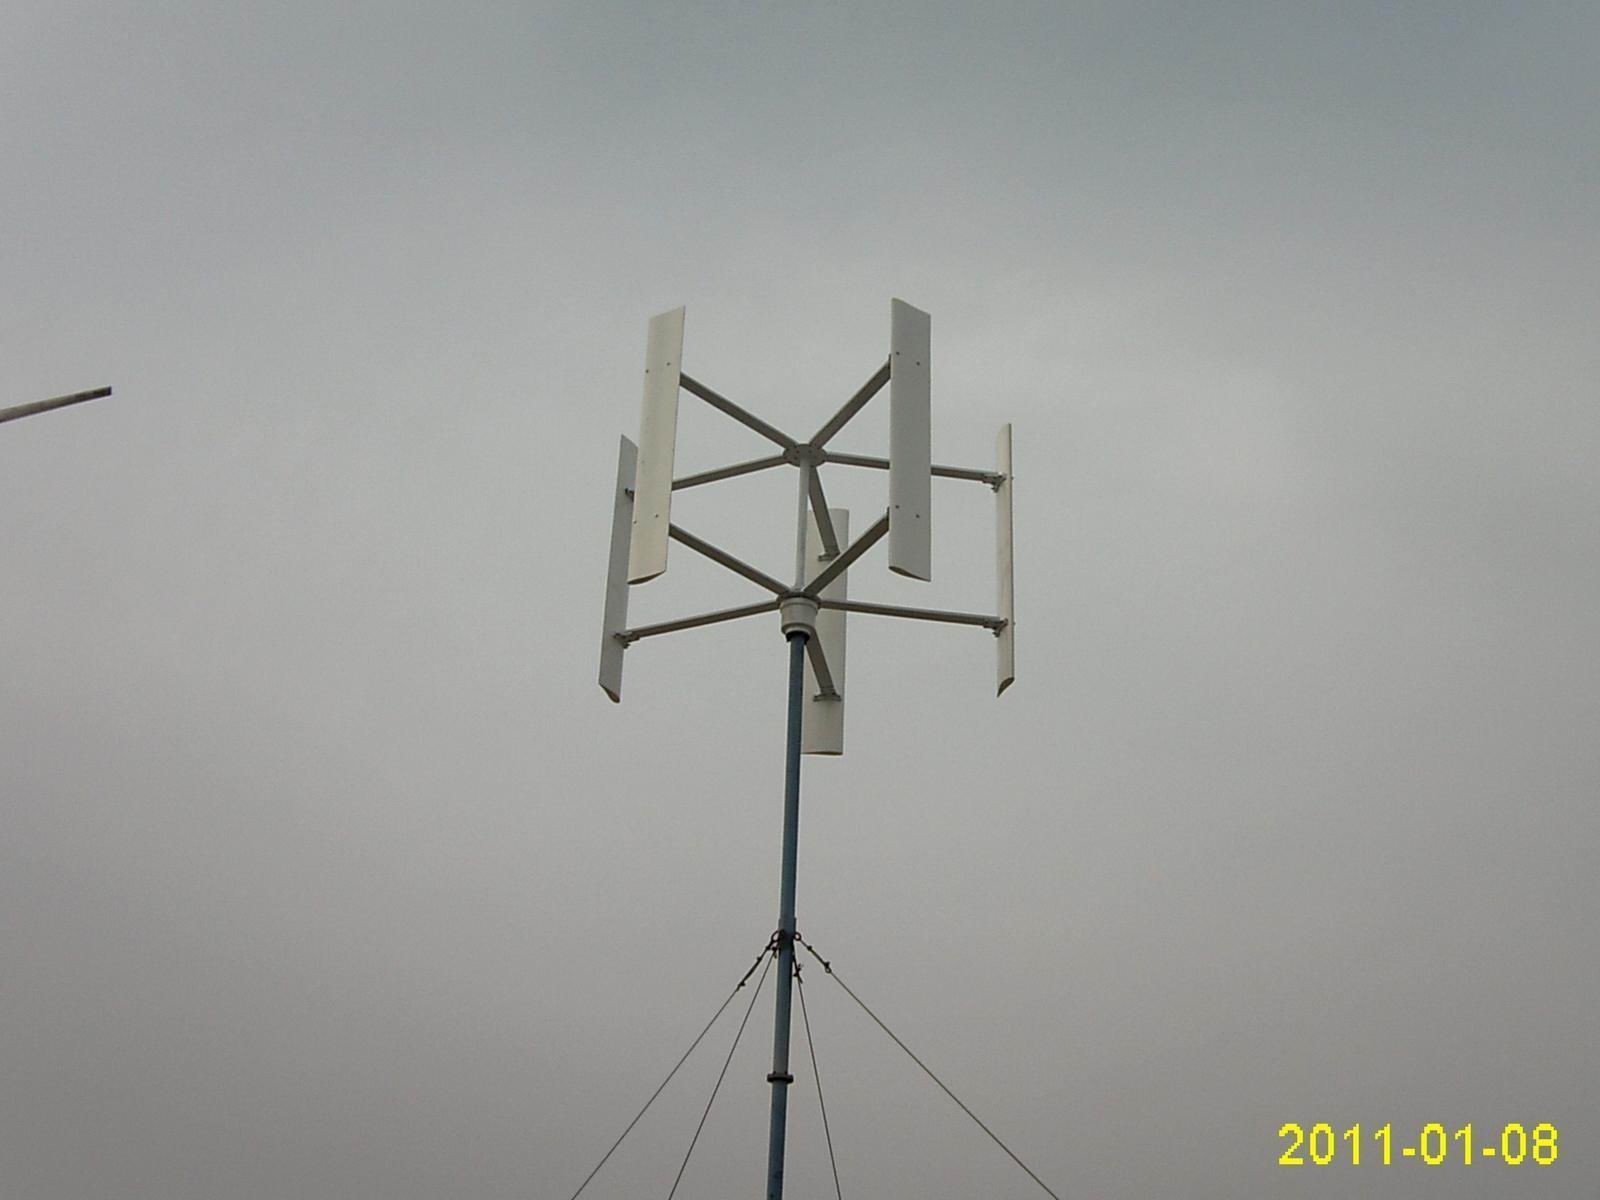 风力发电机2kw的垂直轴风力发电机